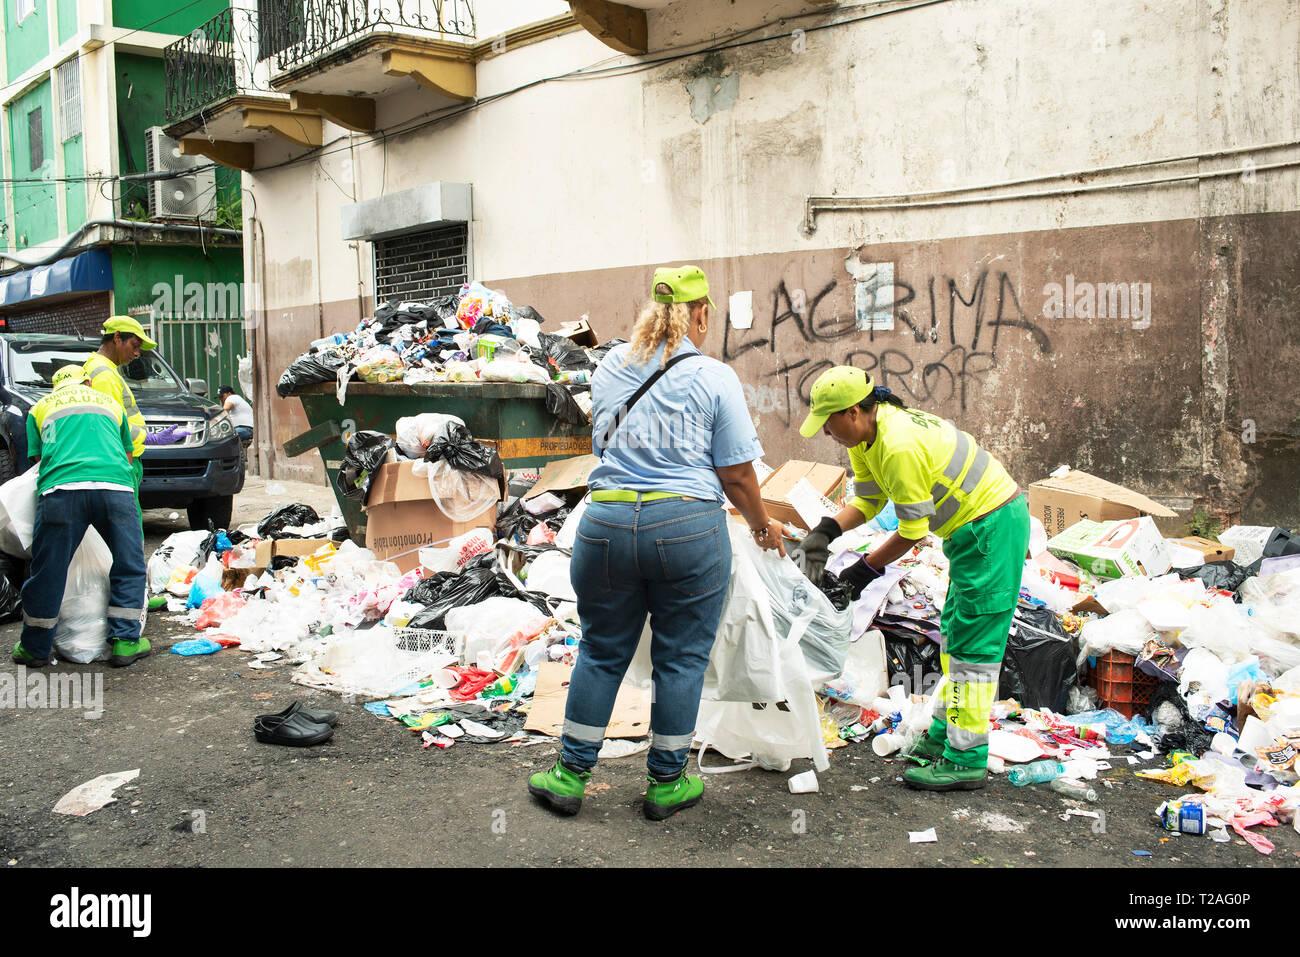 Déchets / déchets plastique débordant sur les rues de la ville de Panama. La gestion des déchets demeure le plus grand défi dans la capitale. Panama, Oct 2018 Photo Stock